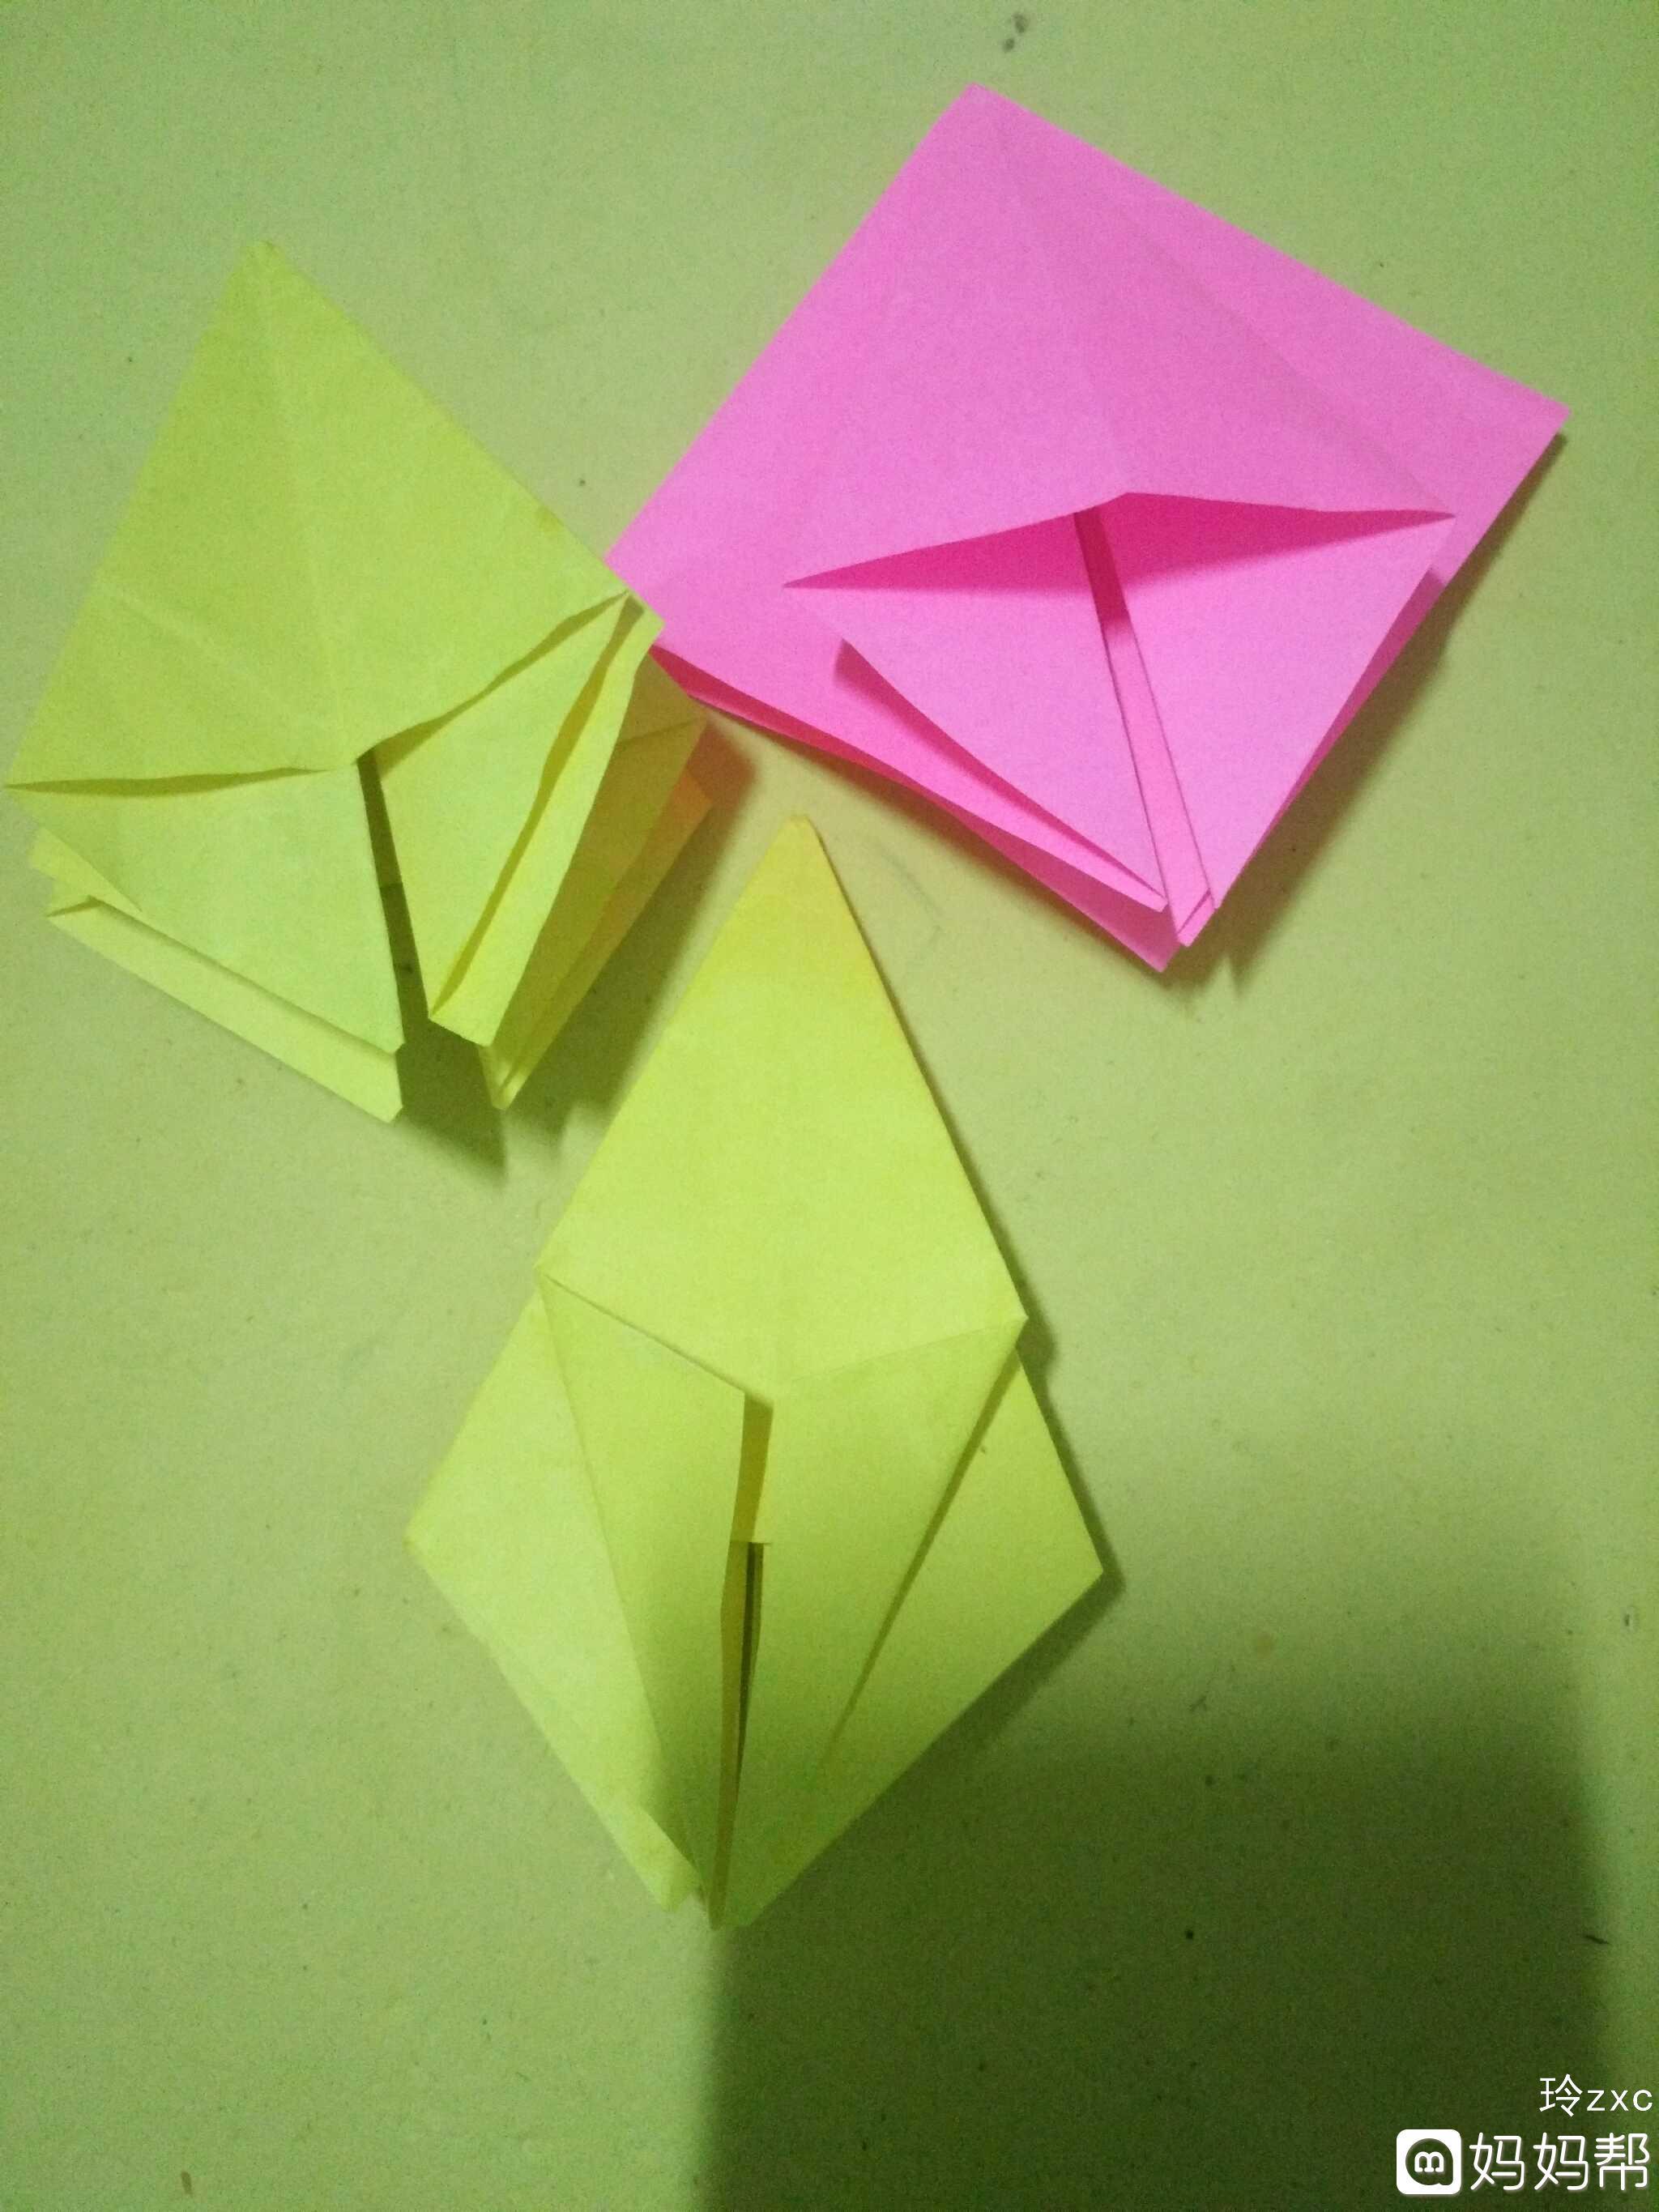 伞 手工 雨伞 纸制玩具 2048_2731 竖版 竖屏